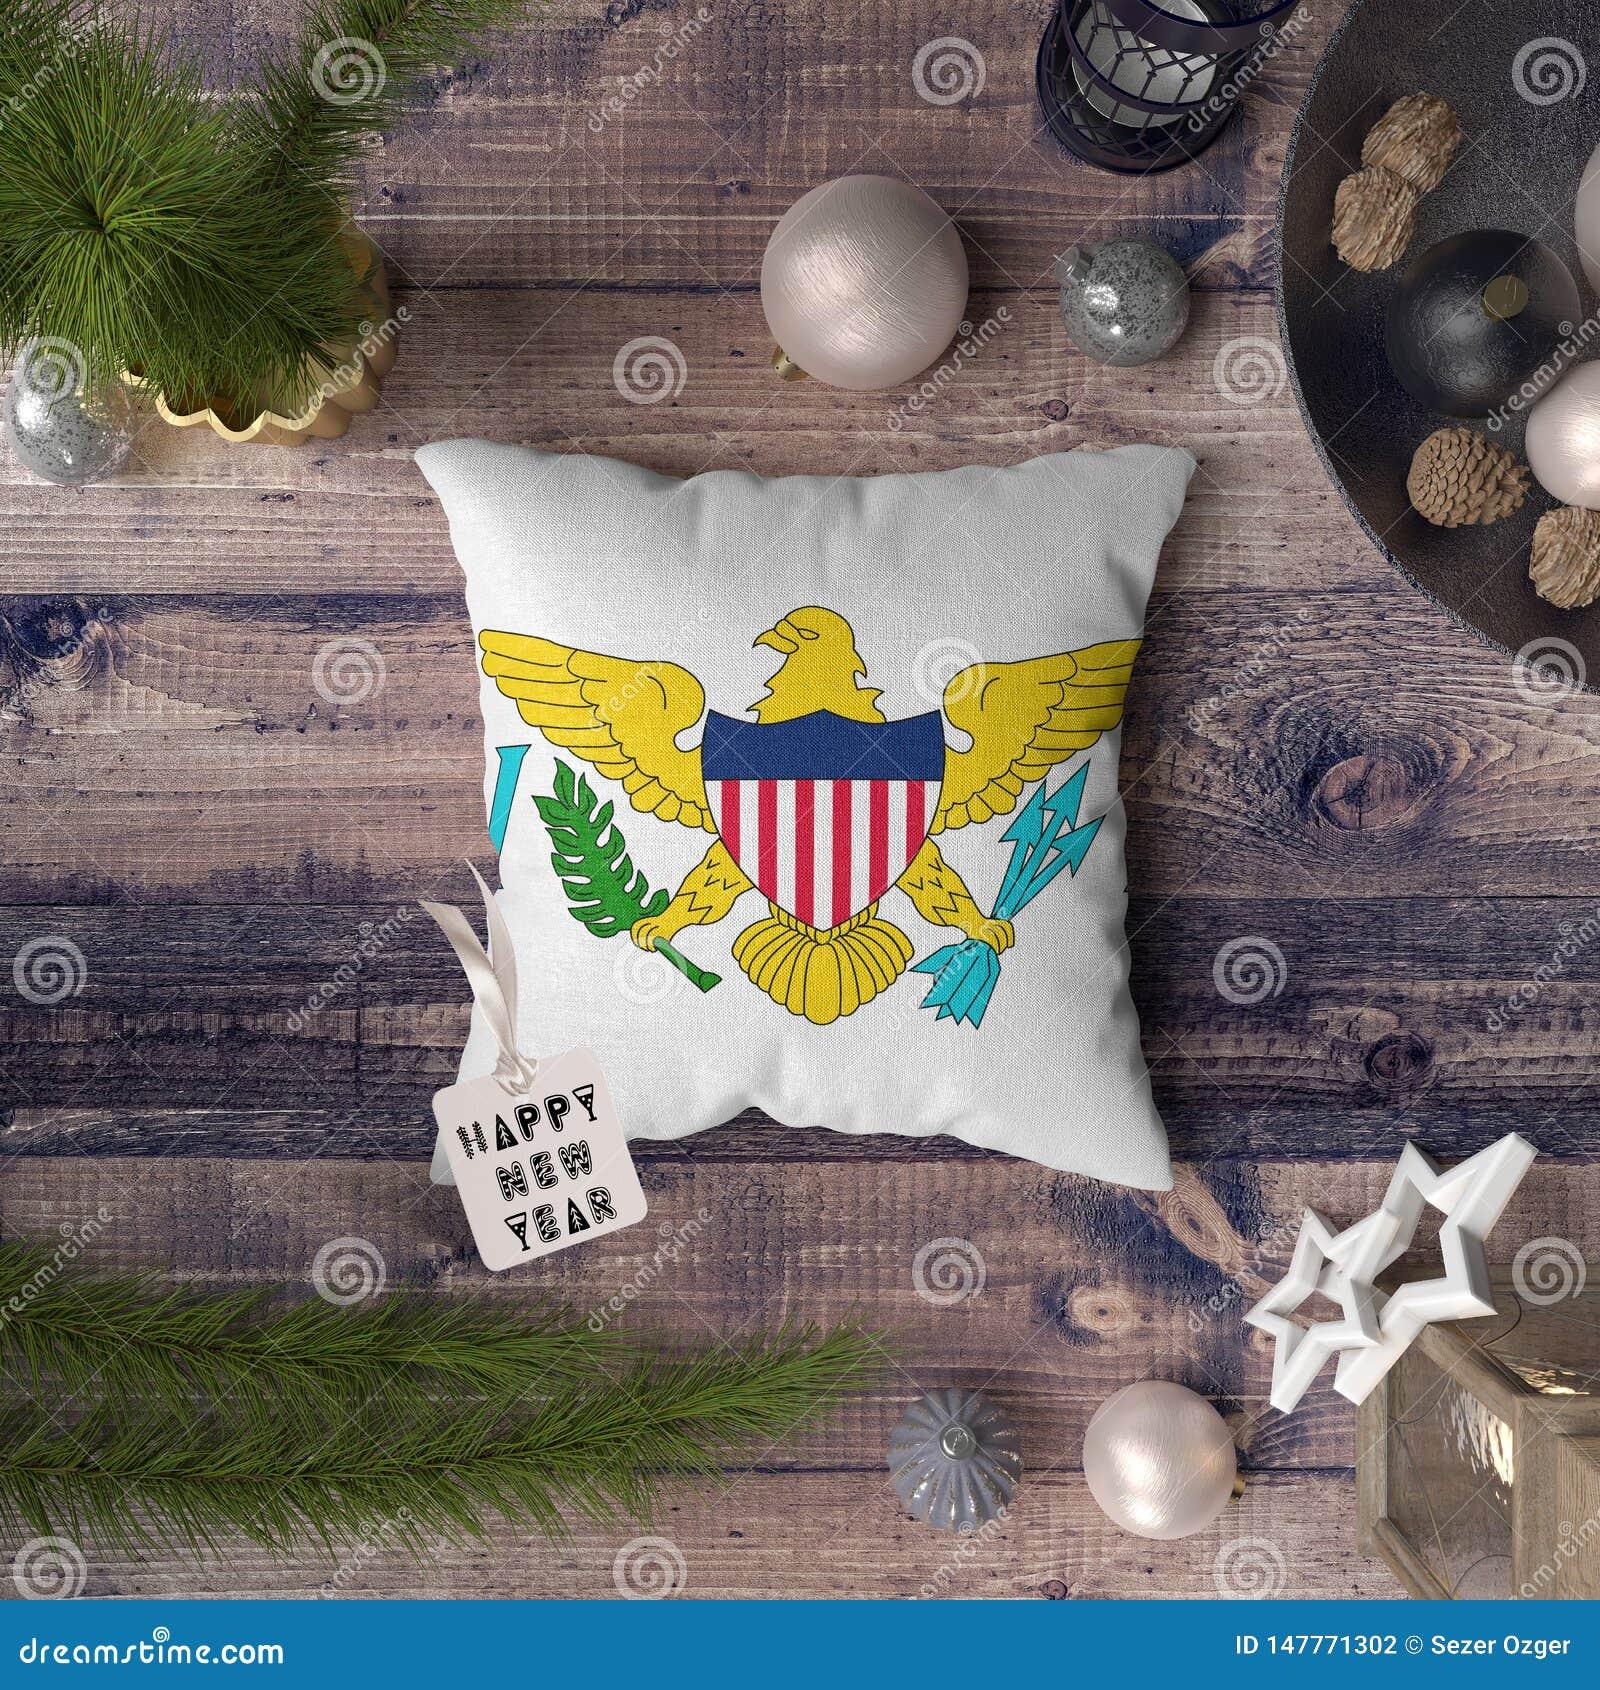 Ετικέττα καλής χρονιάς με Ηνωμένη σημαία Παρθένων Νήσων στο μαξιλάρι Έννοια διακοσμήσεων Χριστουγέννων στον ξύλινο πίνακα με καλό